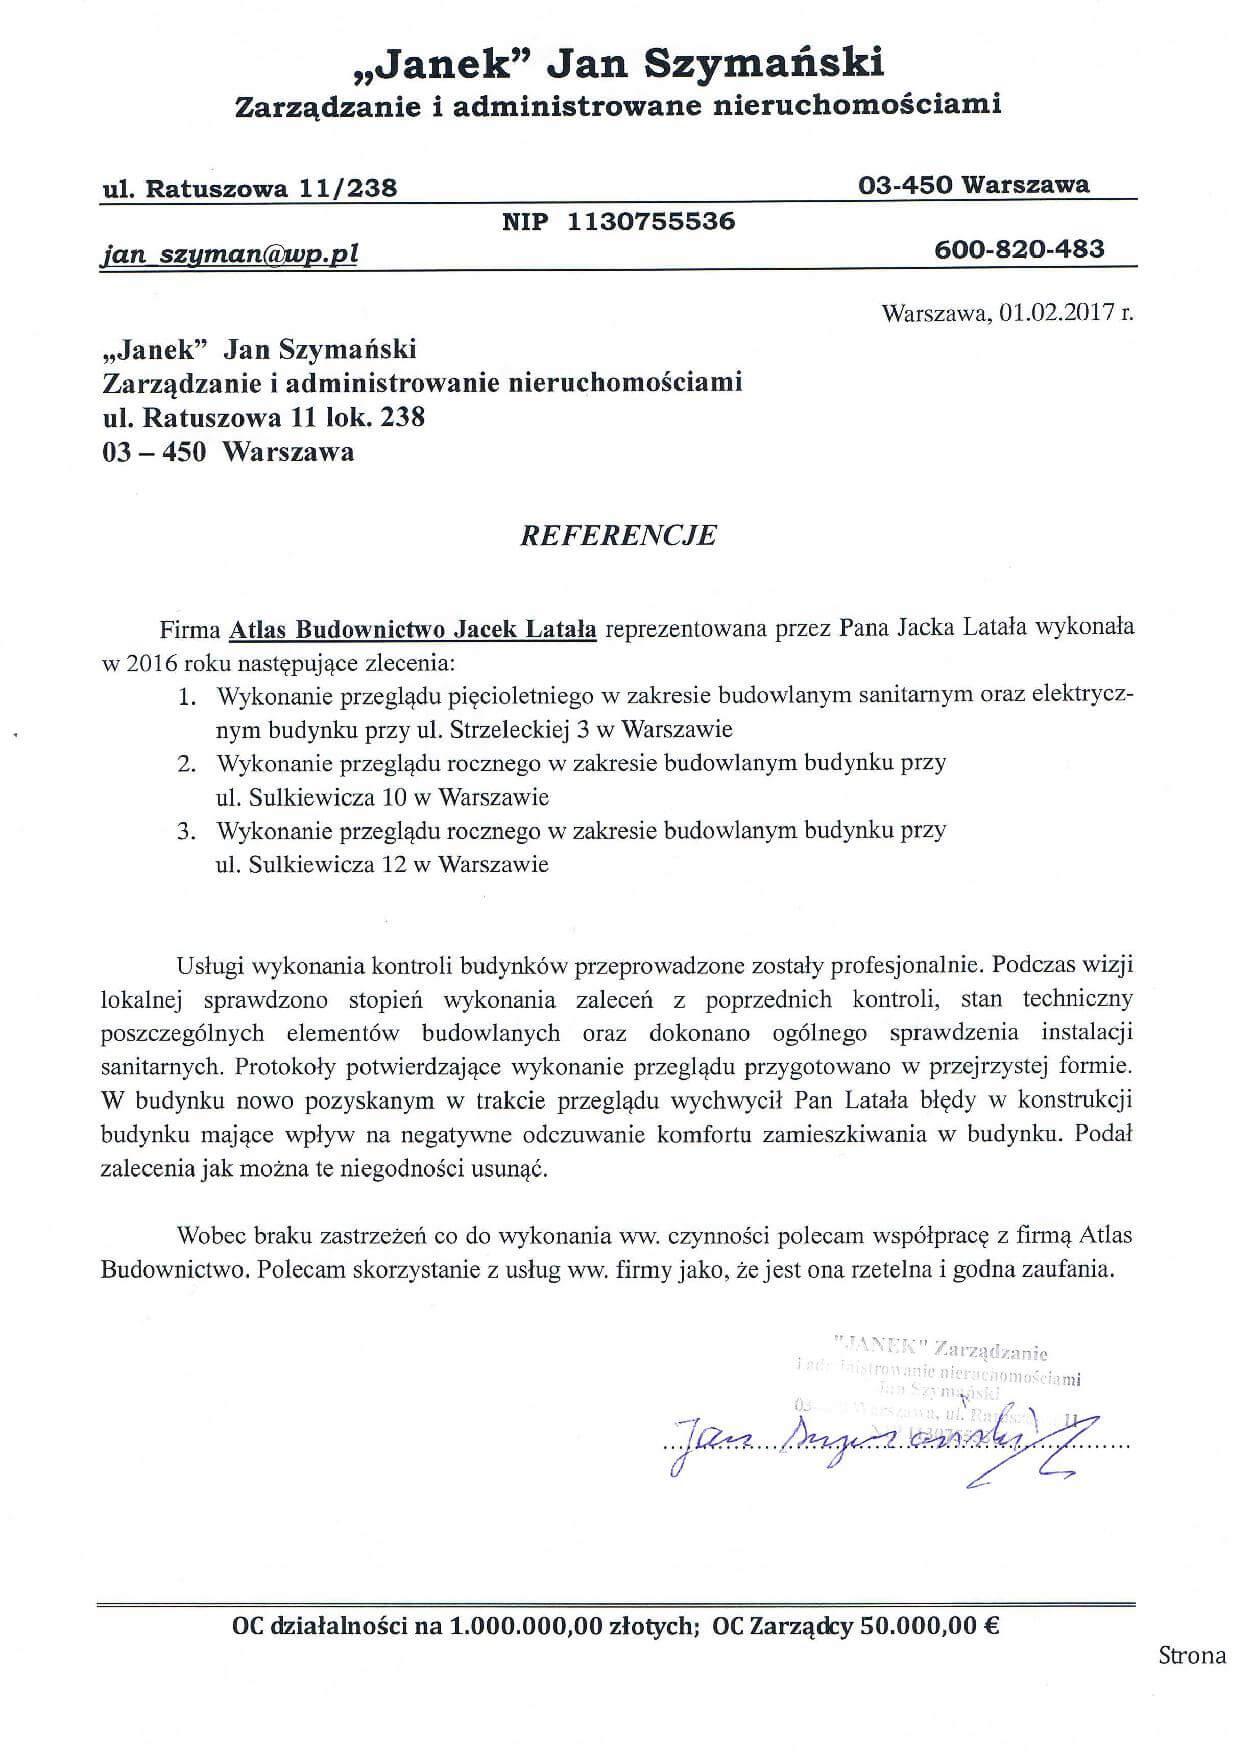 Referencje od p. Jana Szymańskiego za Przeglądy Budowlane